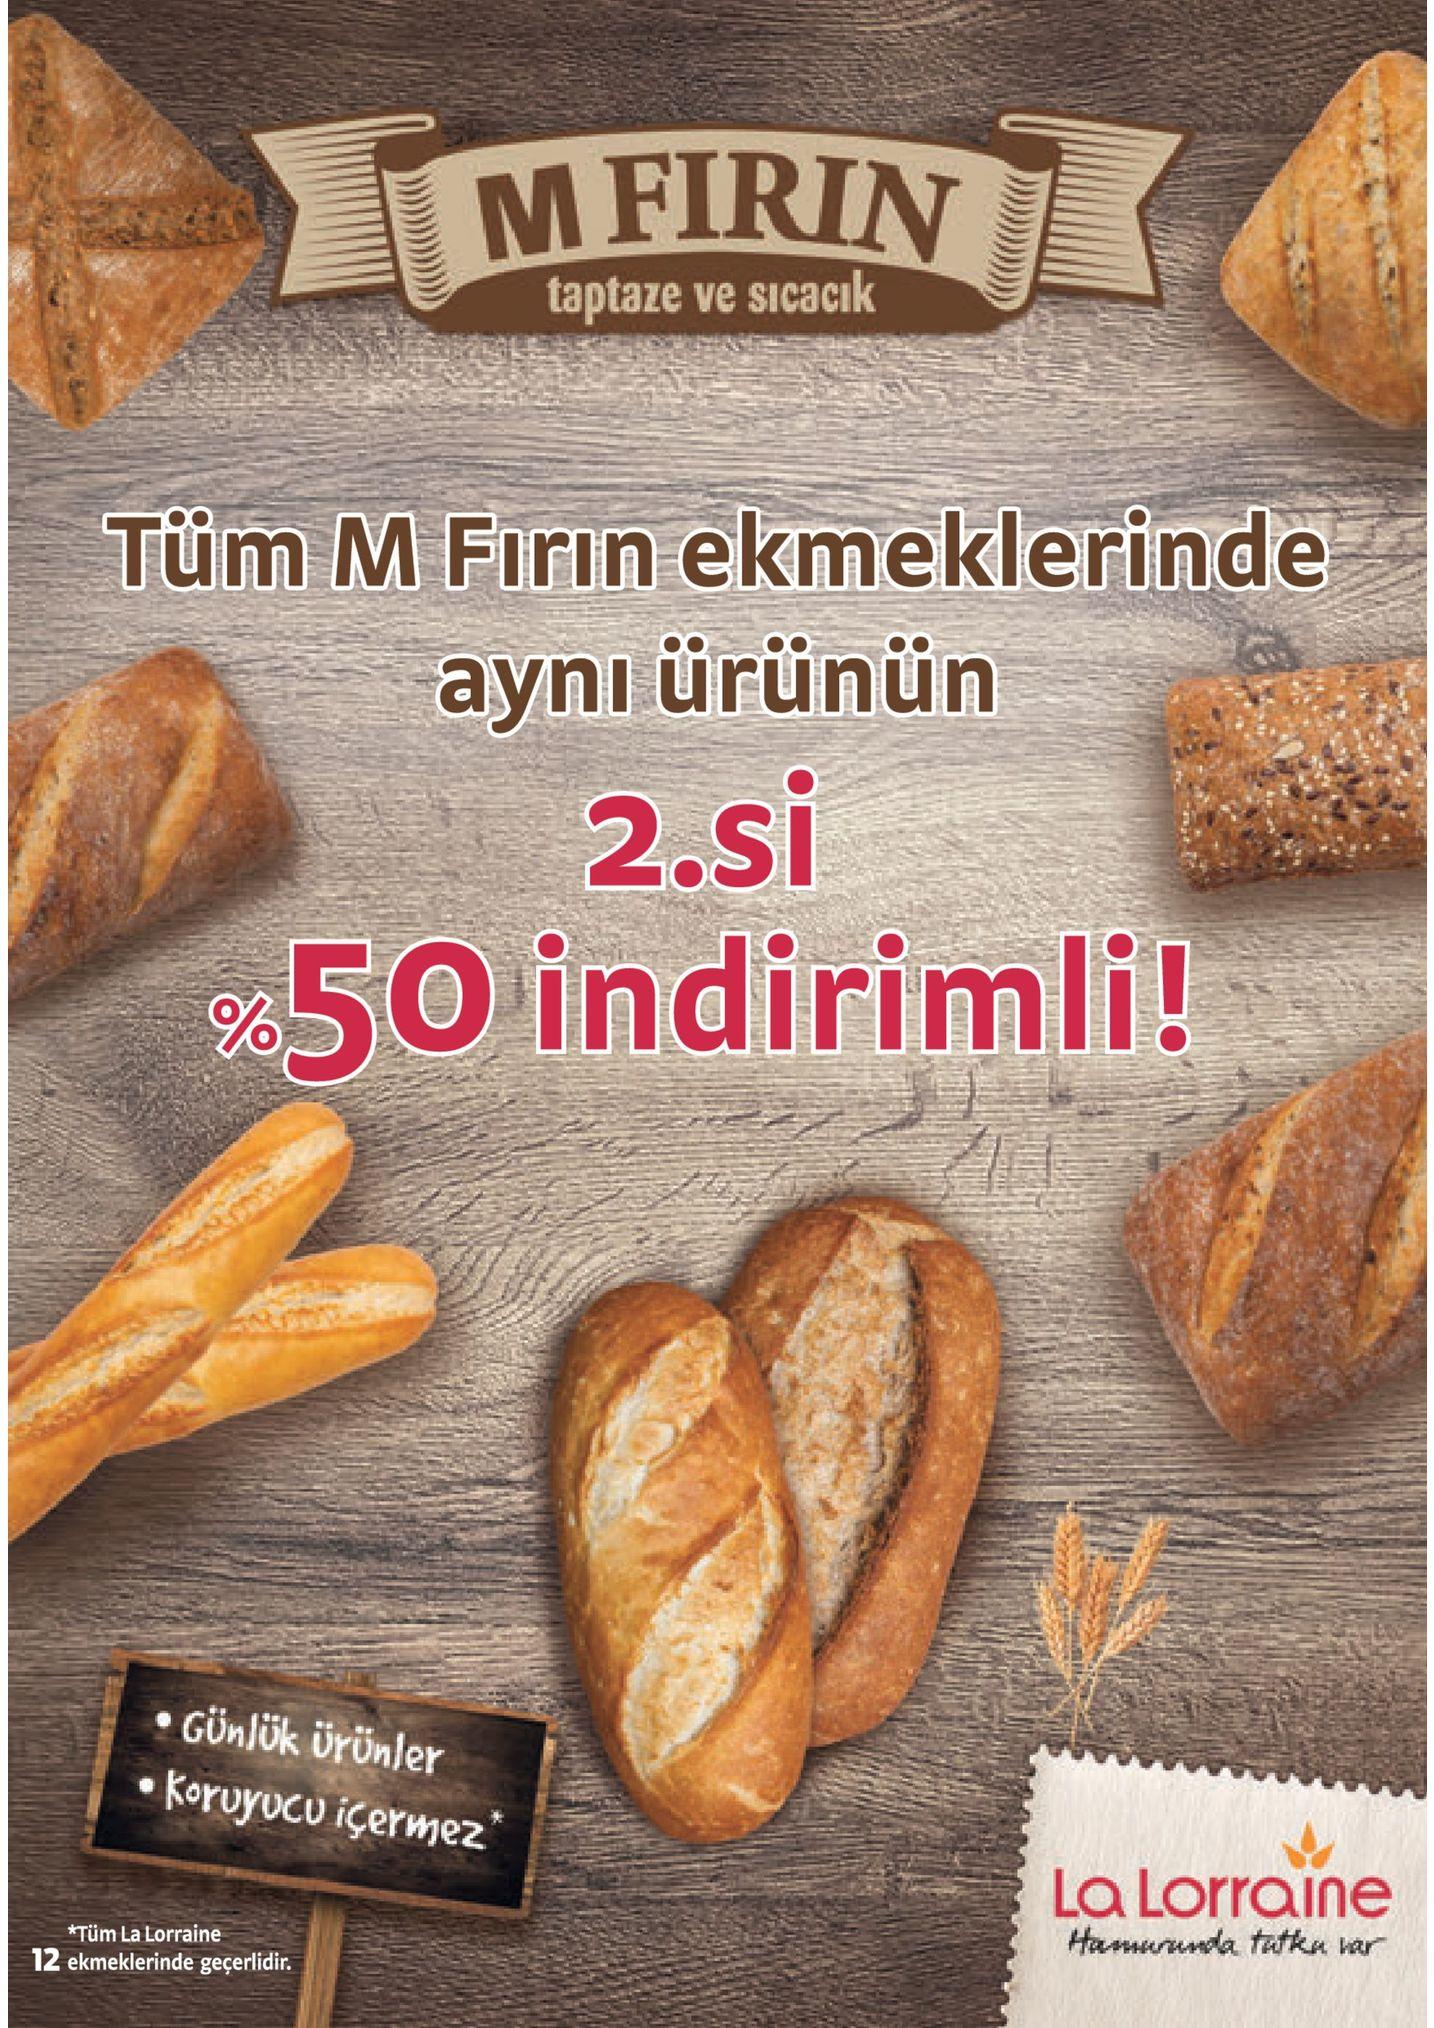 mfirin taptaze ve sicacik tum m firin ekmeklerinde avniurunun 2 s 5o indirimli! .cünlük ürönler .koruyucu içermez la lorraine *tüm la 12 ekme ge